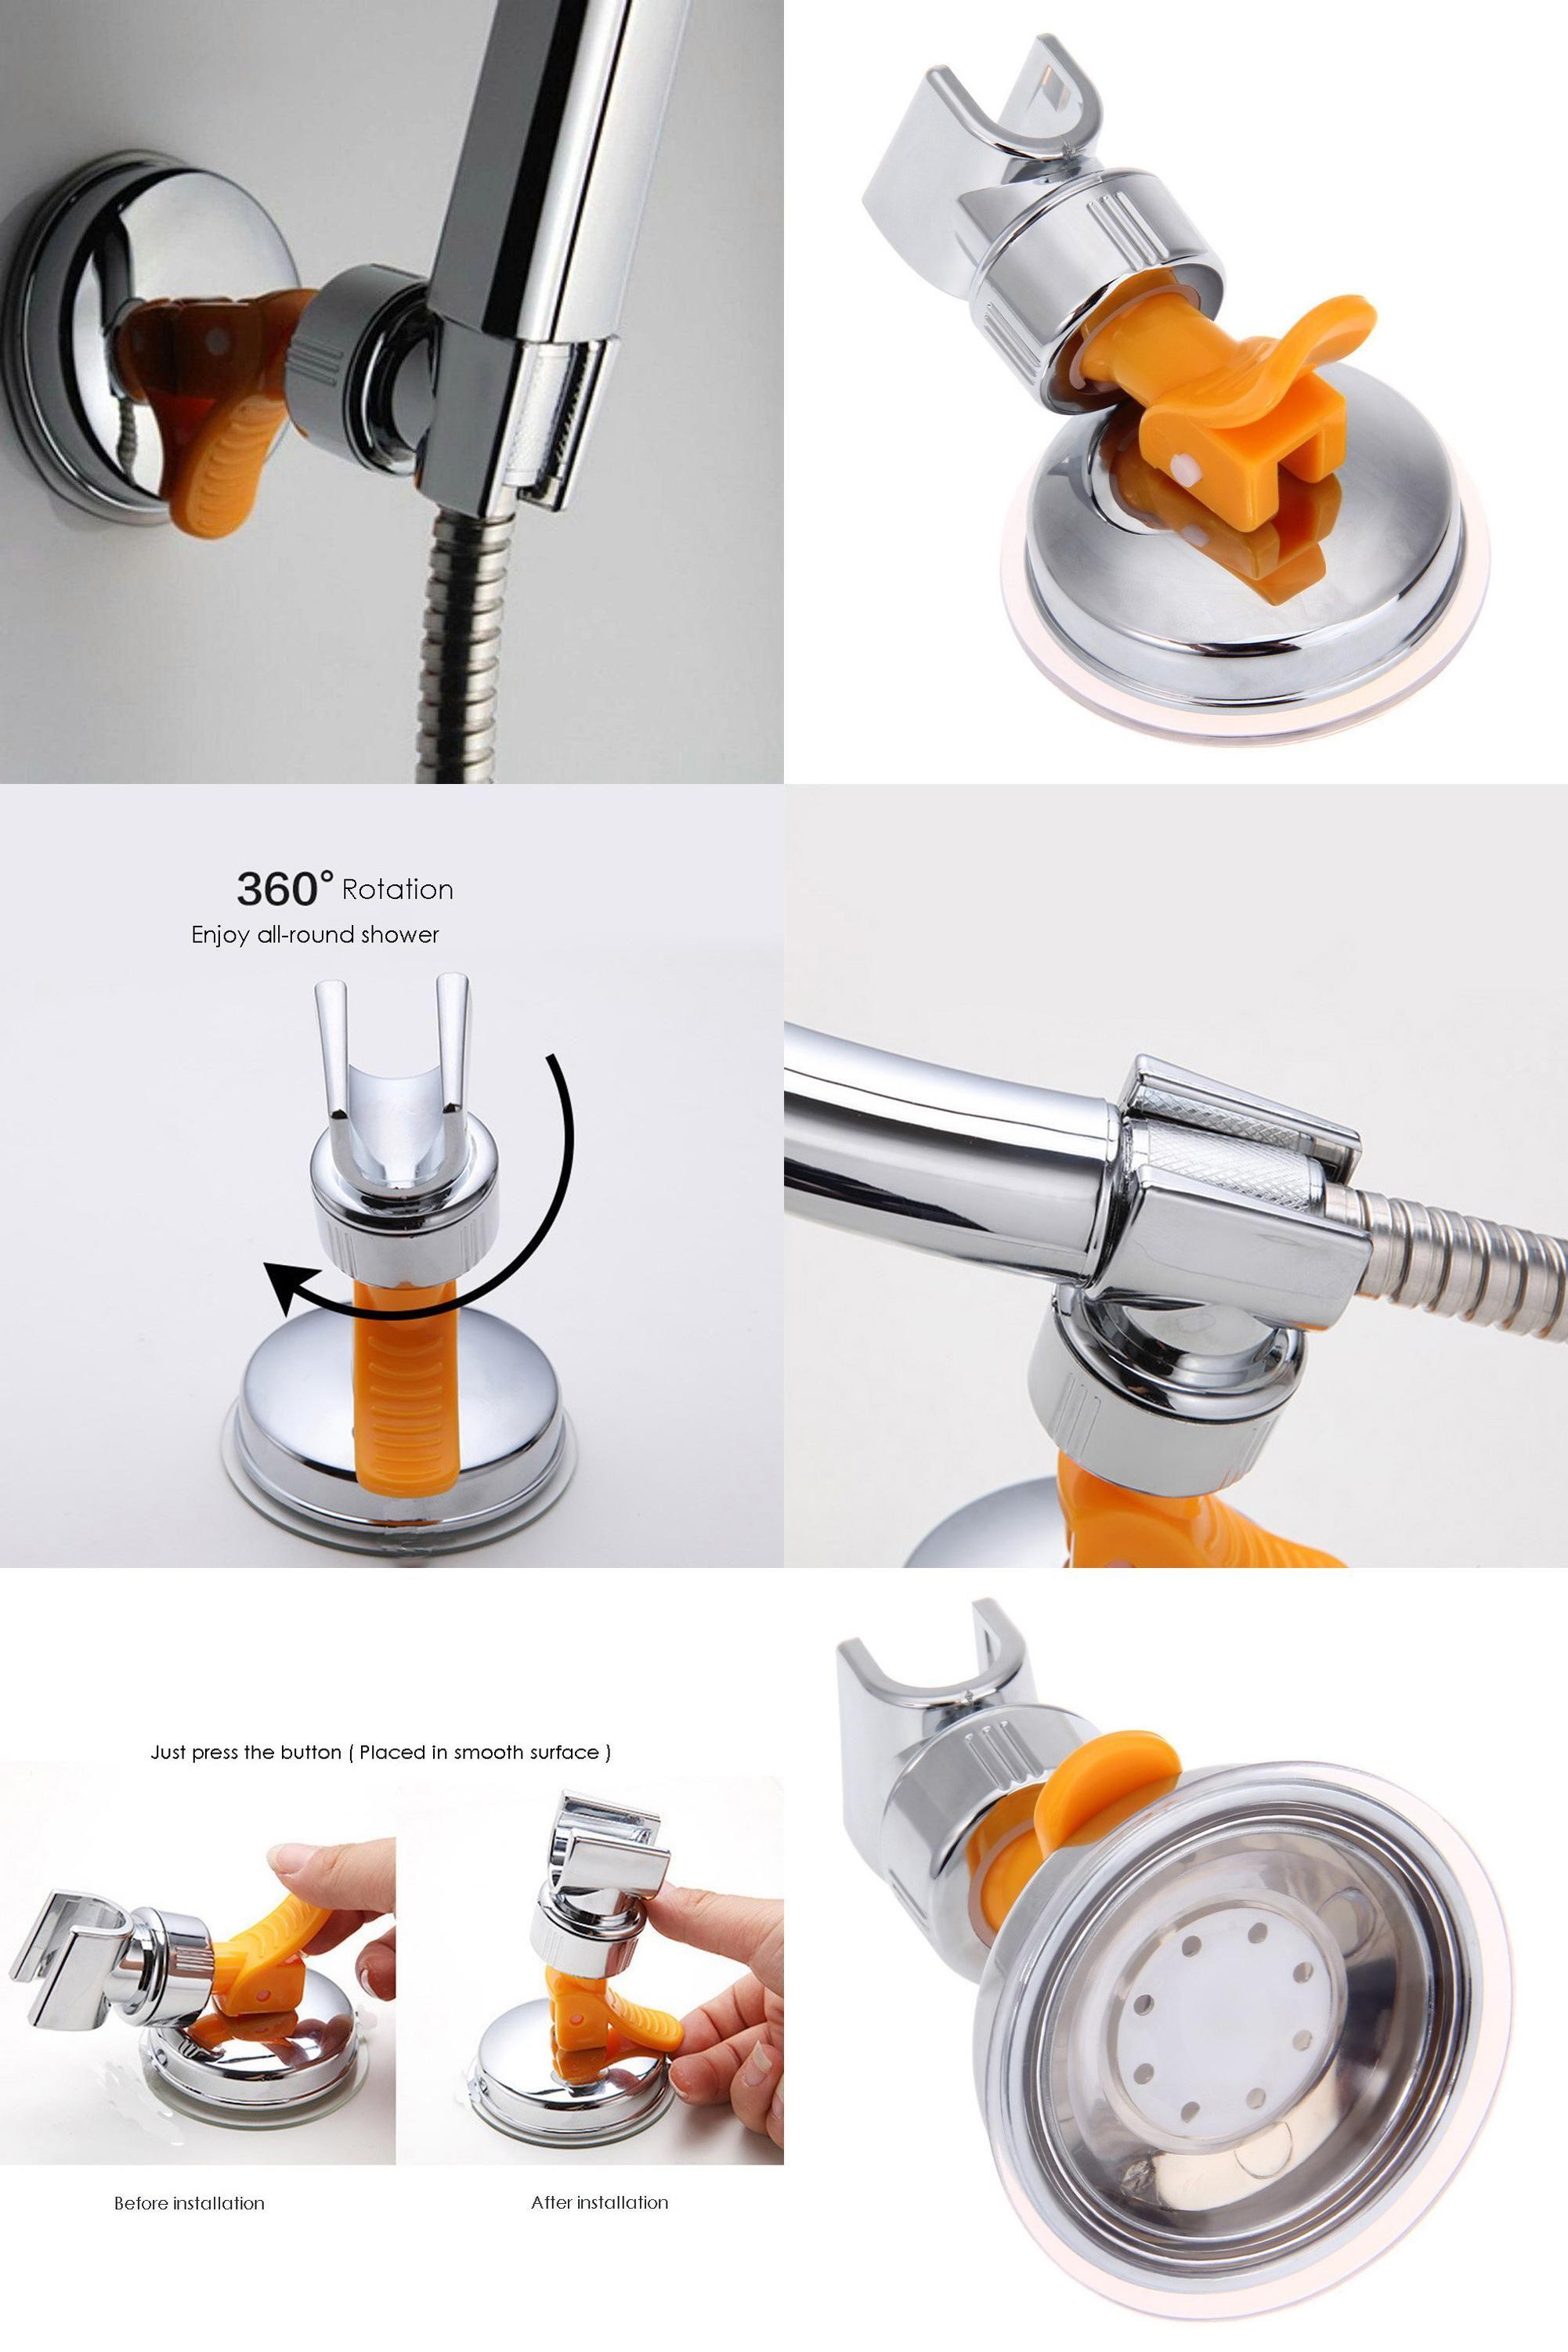 Visit to Buy] 1pcs Adjustable Shower Head Stand Bracket Holder for ...